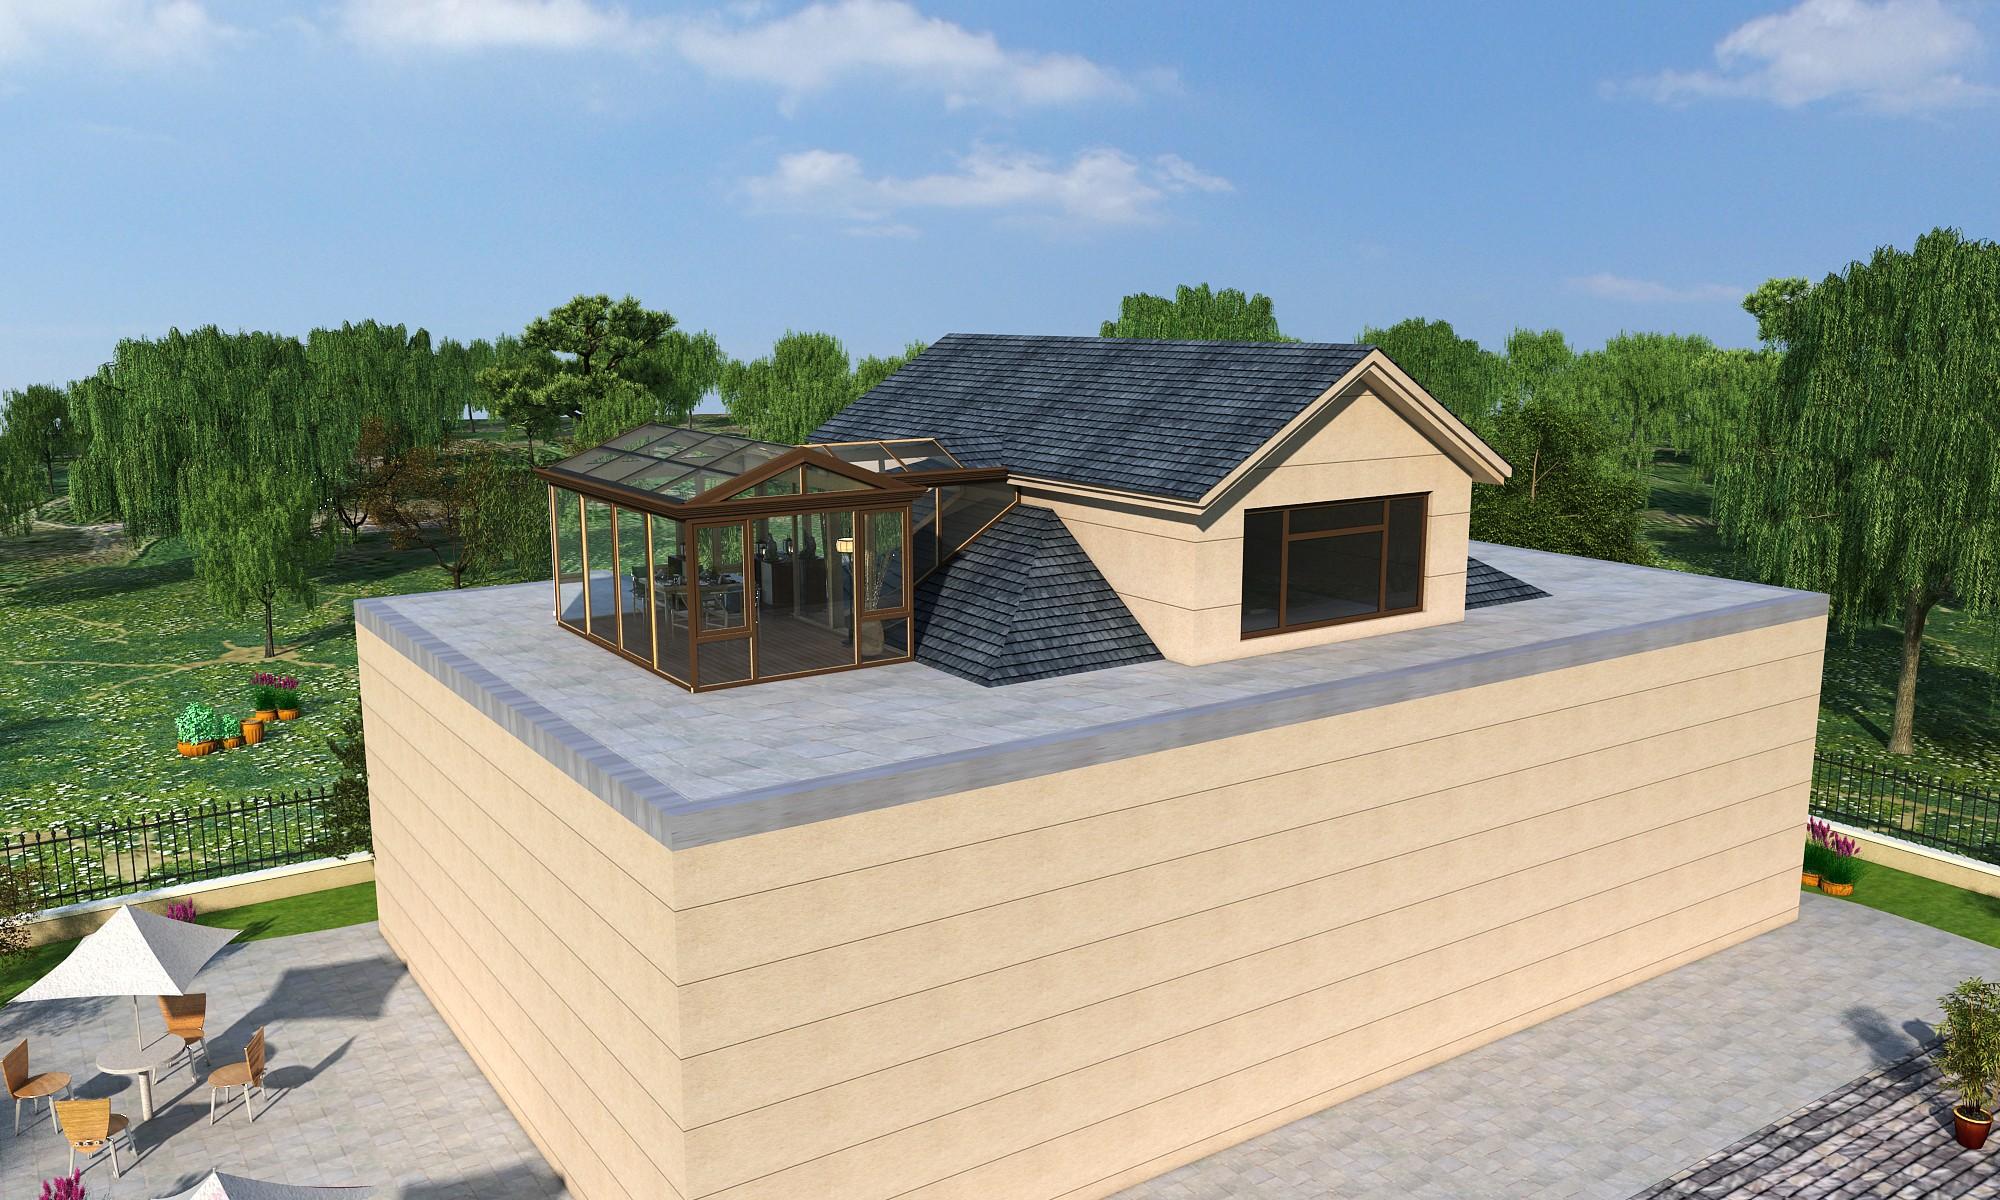 沈阳香阁蔚蓝楼顶加建铝包木阳光房案例